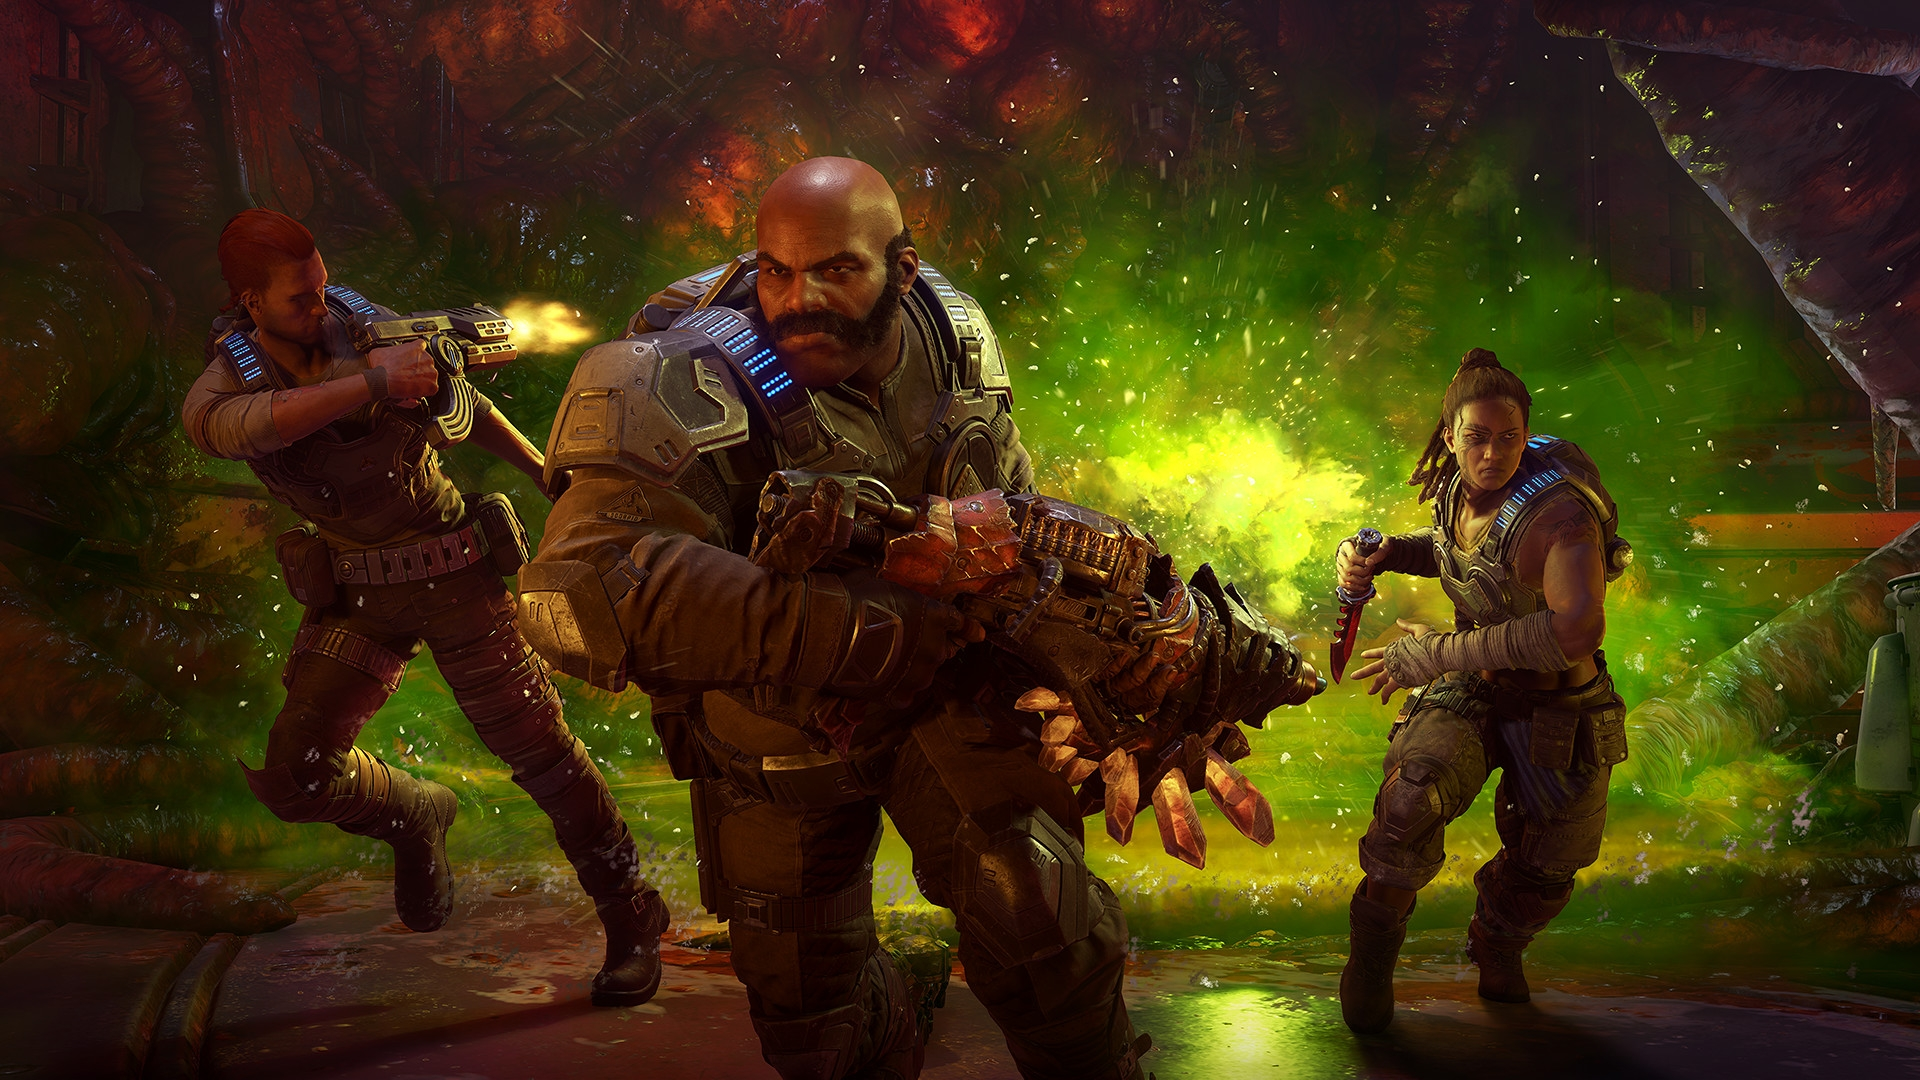 Гайд: Где найти все реликтовое оружие в Gears 5